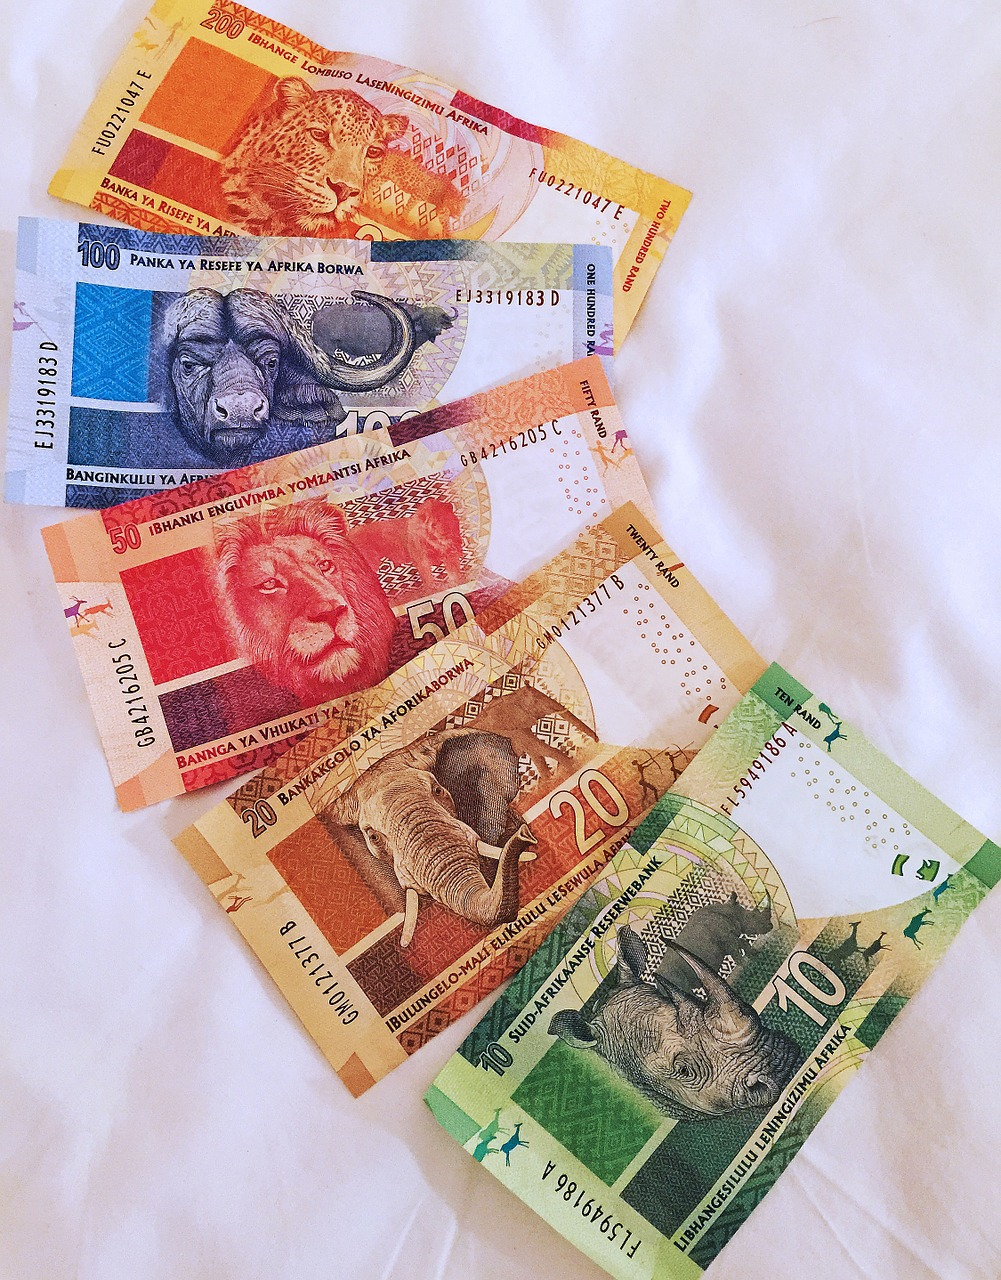 世界にあるかっこいい通貨ーアフリカ編ー